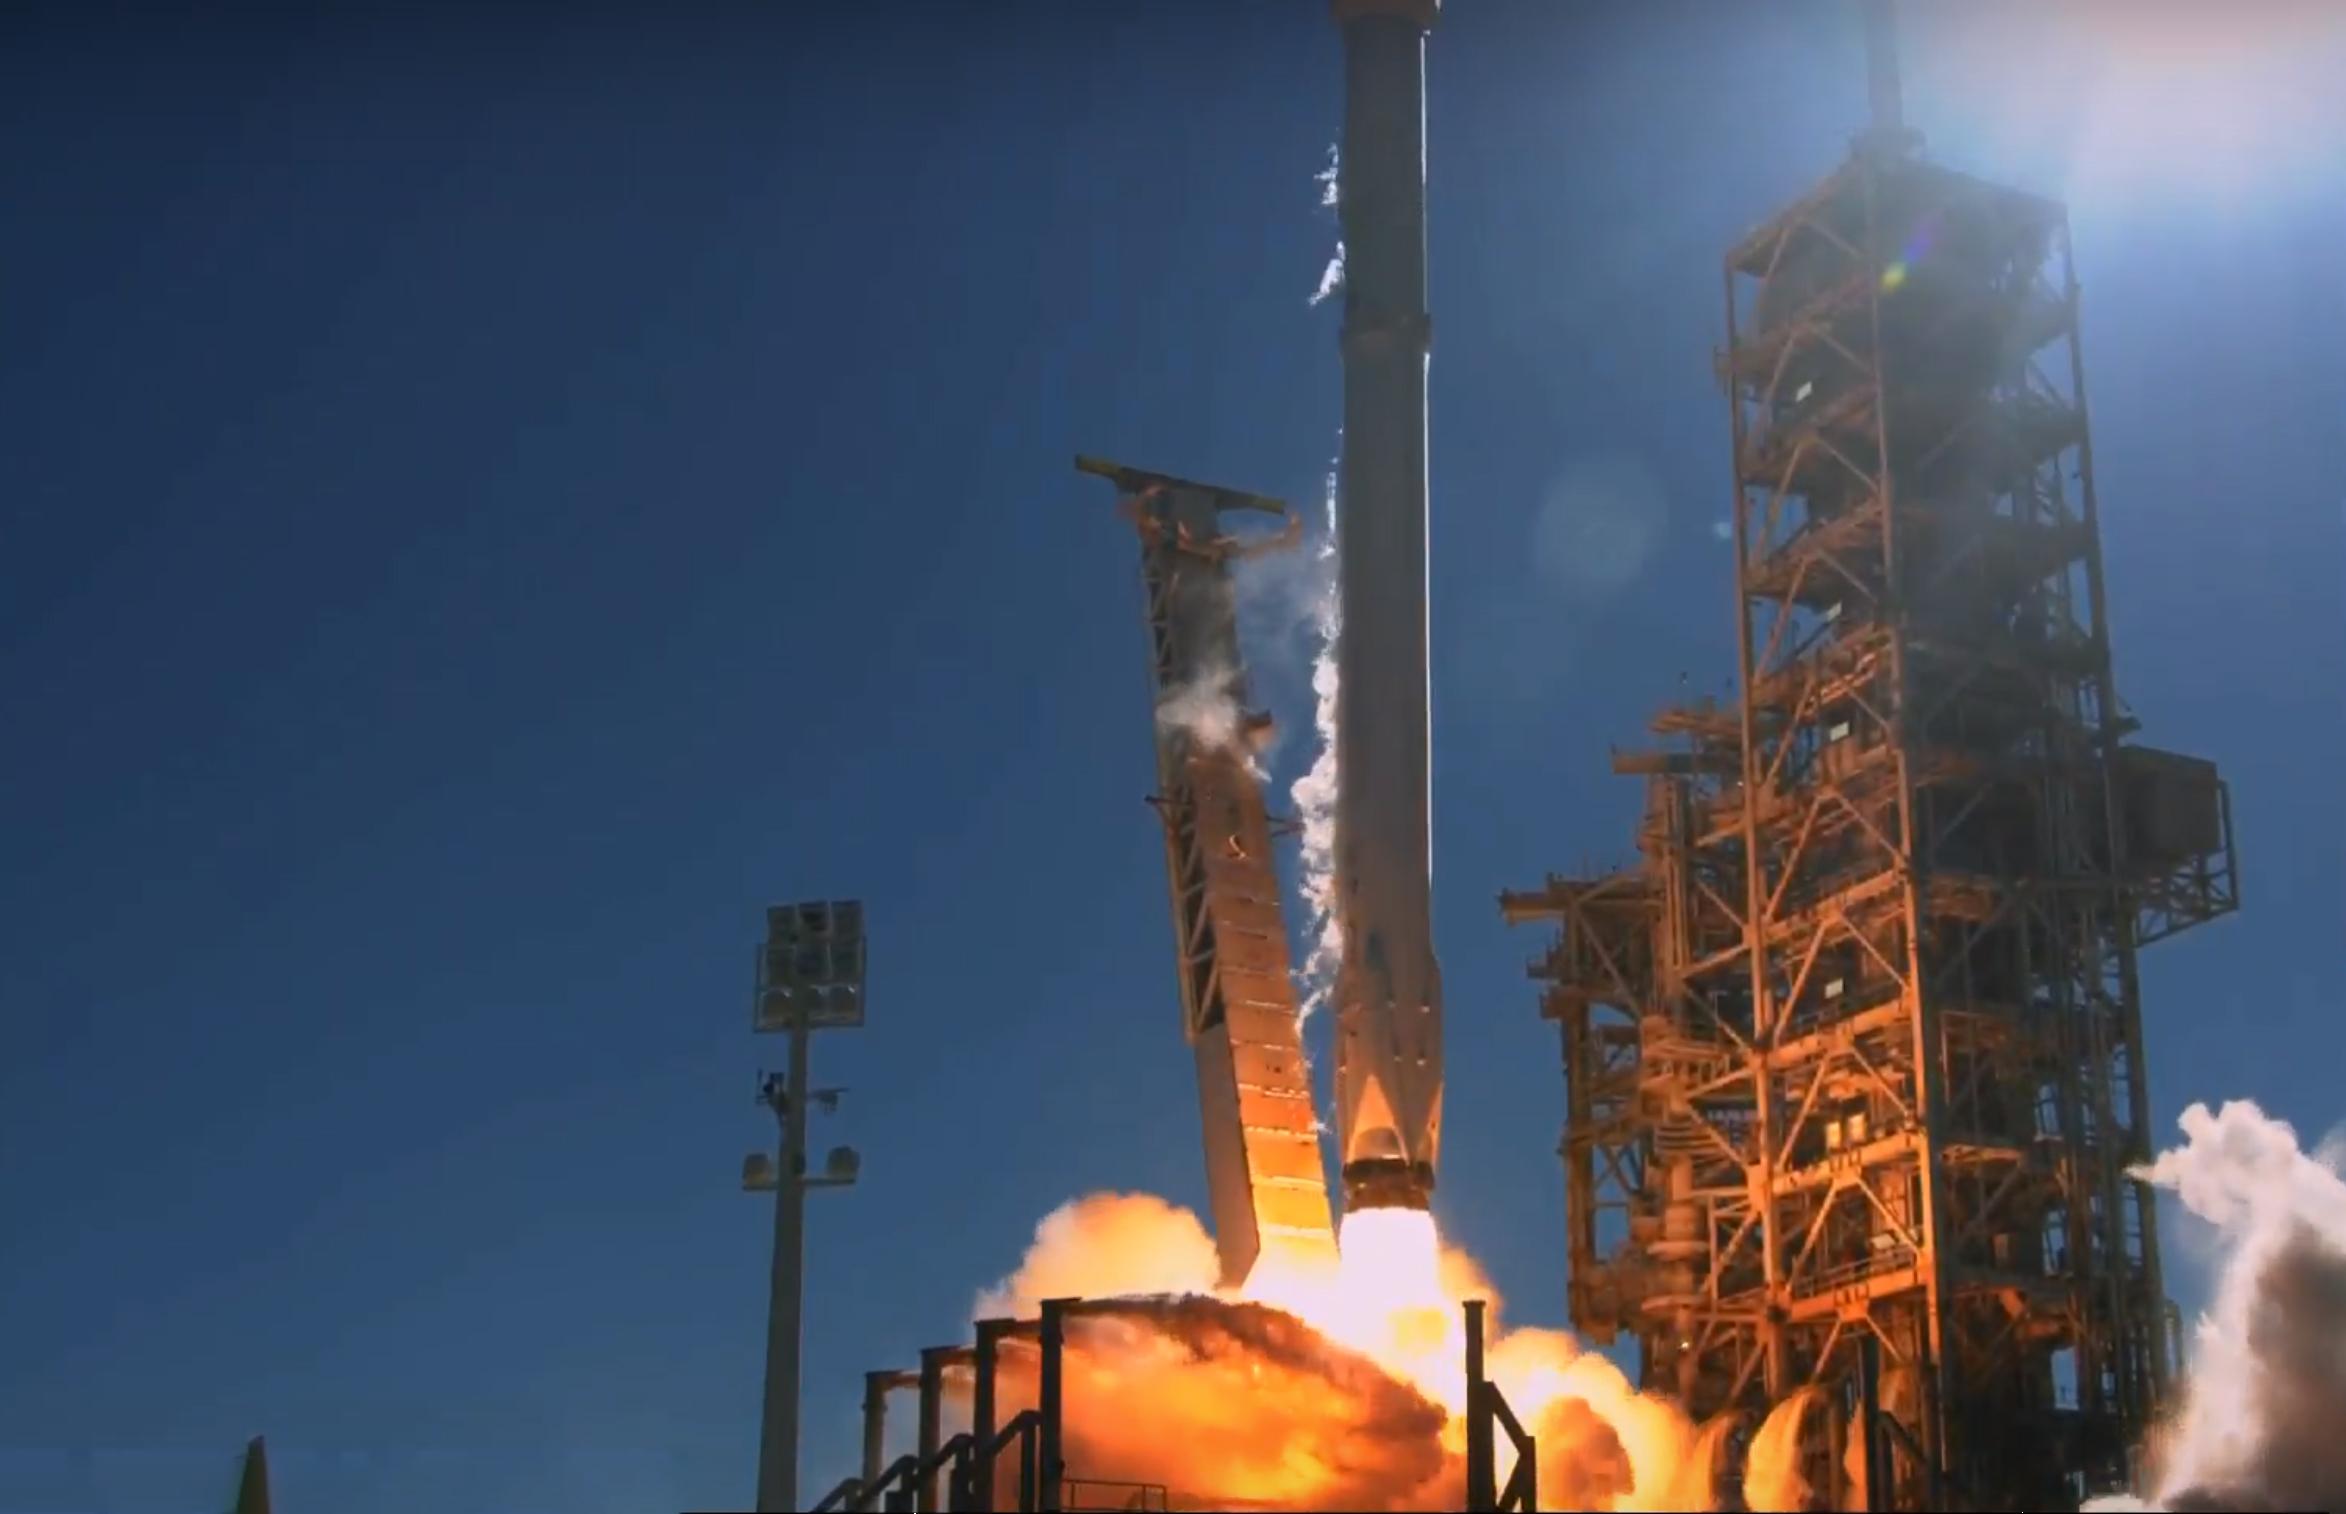 Koreasat 5A liftoff